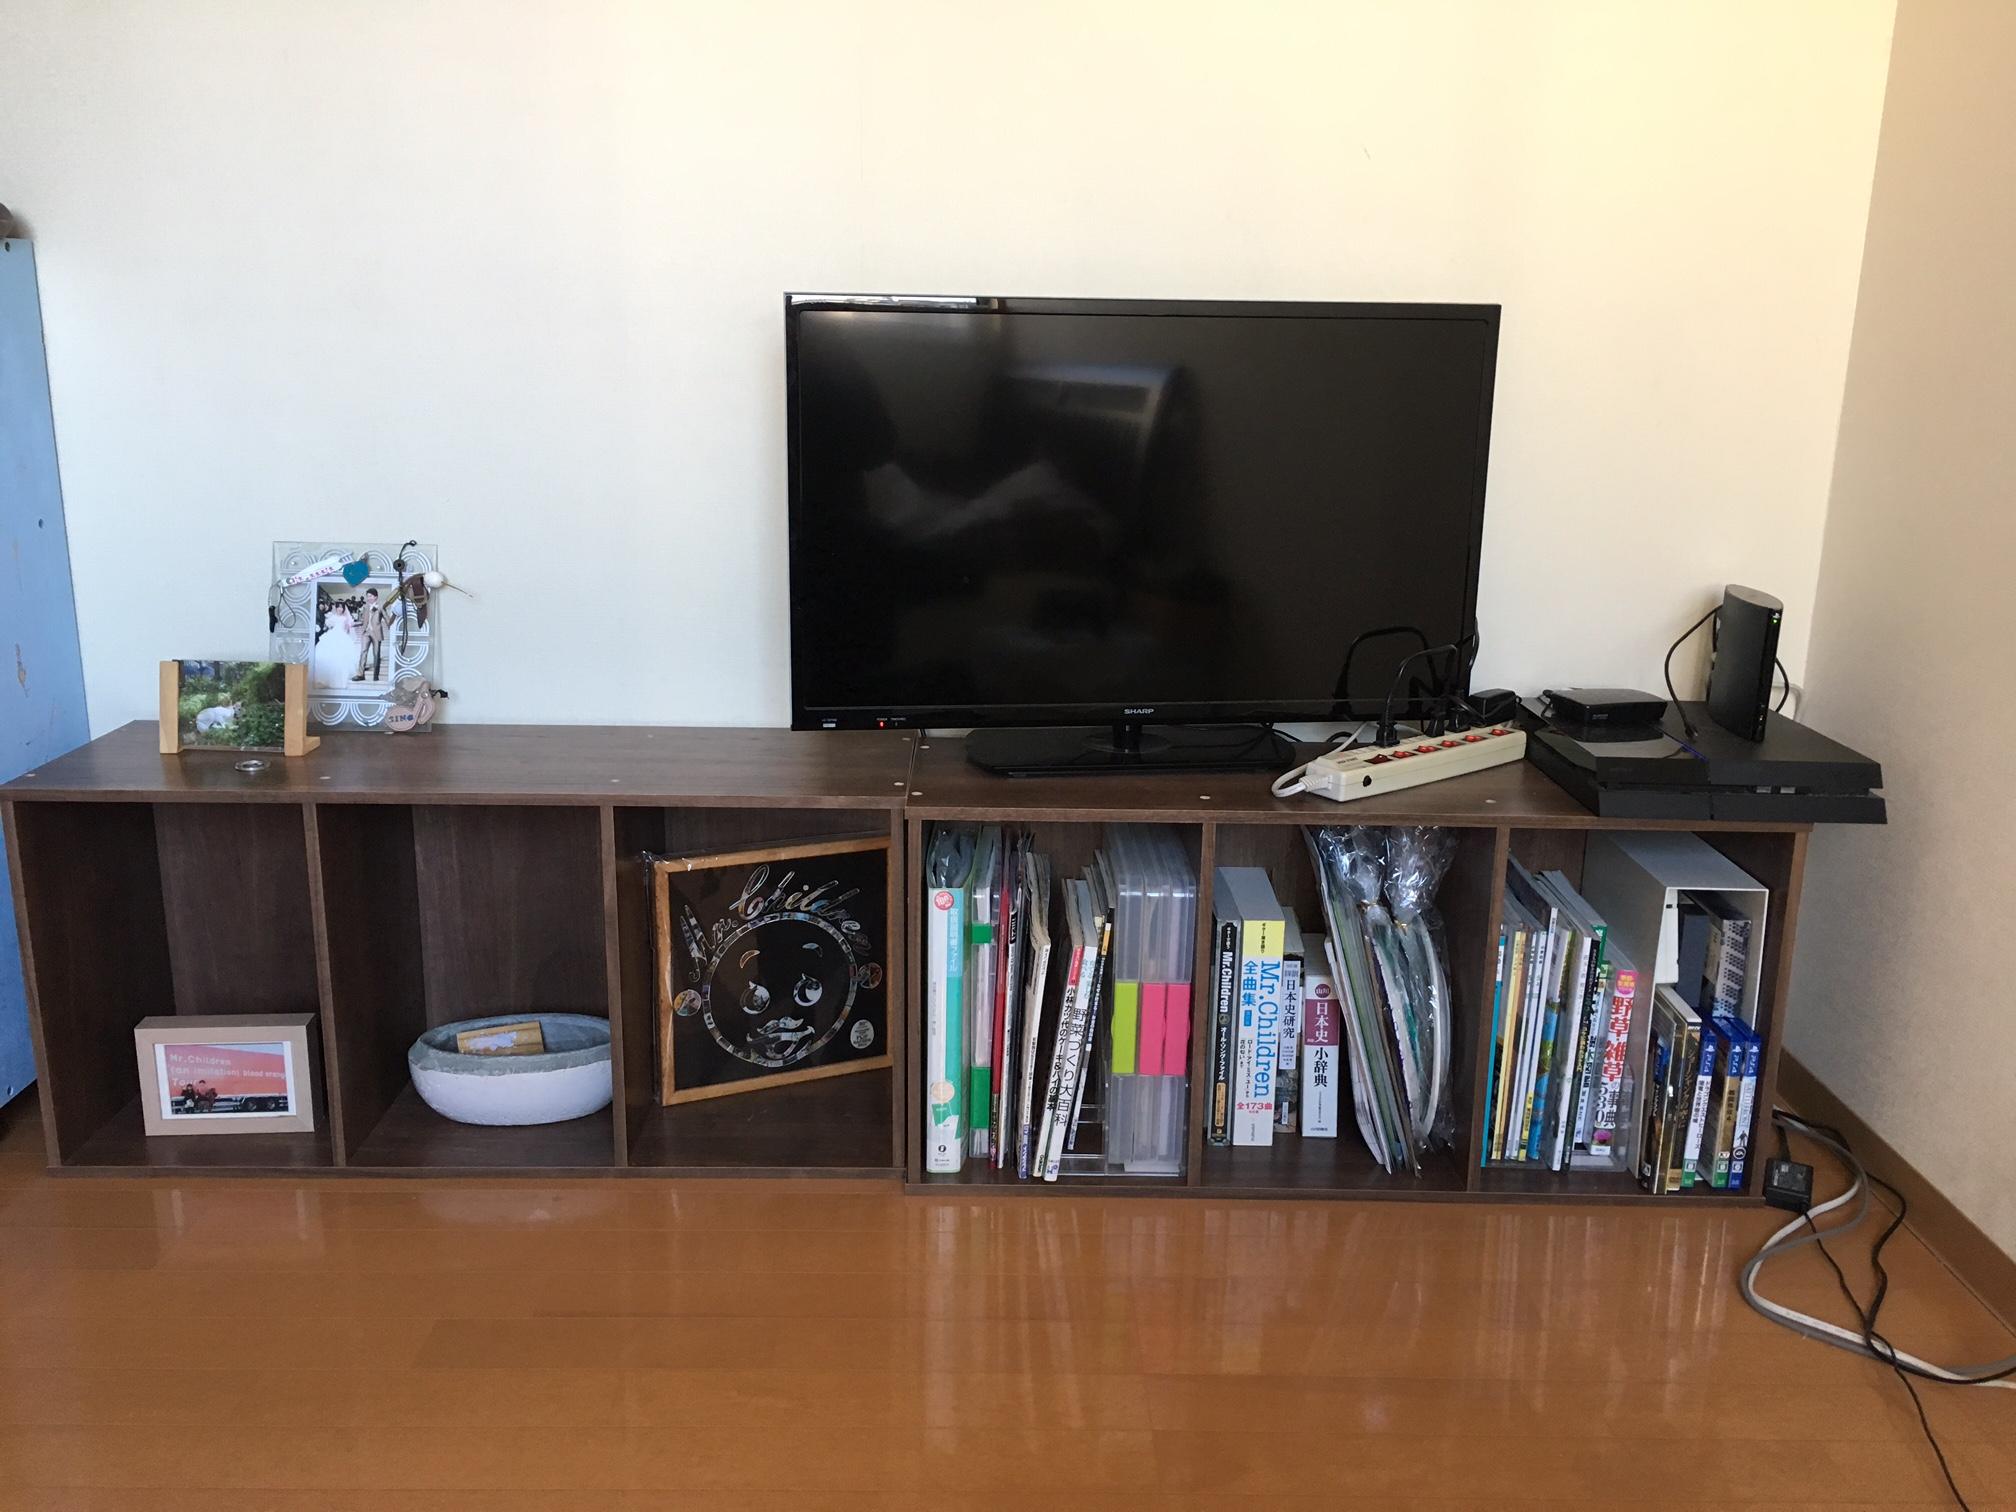 こちらが我が家の寝室のテレビ台兼そのまんまカラーボックスです 笑